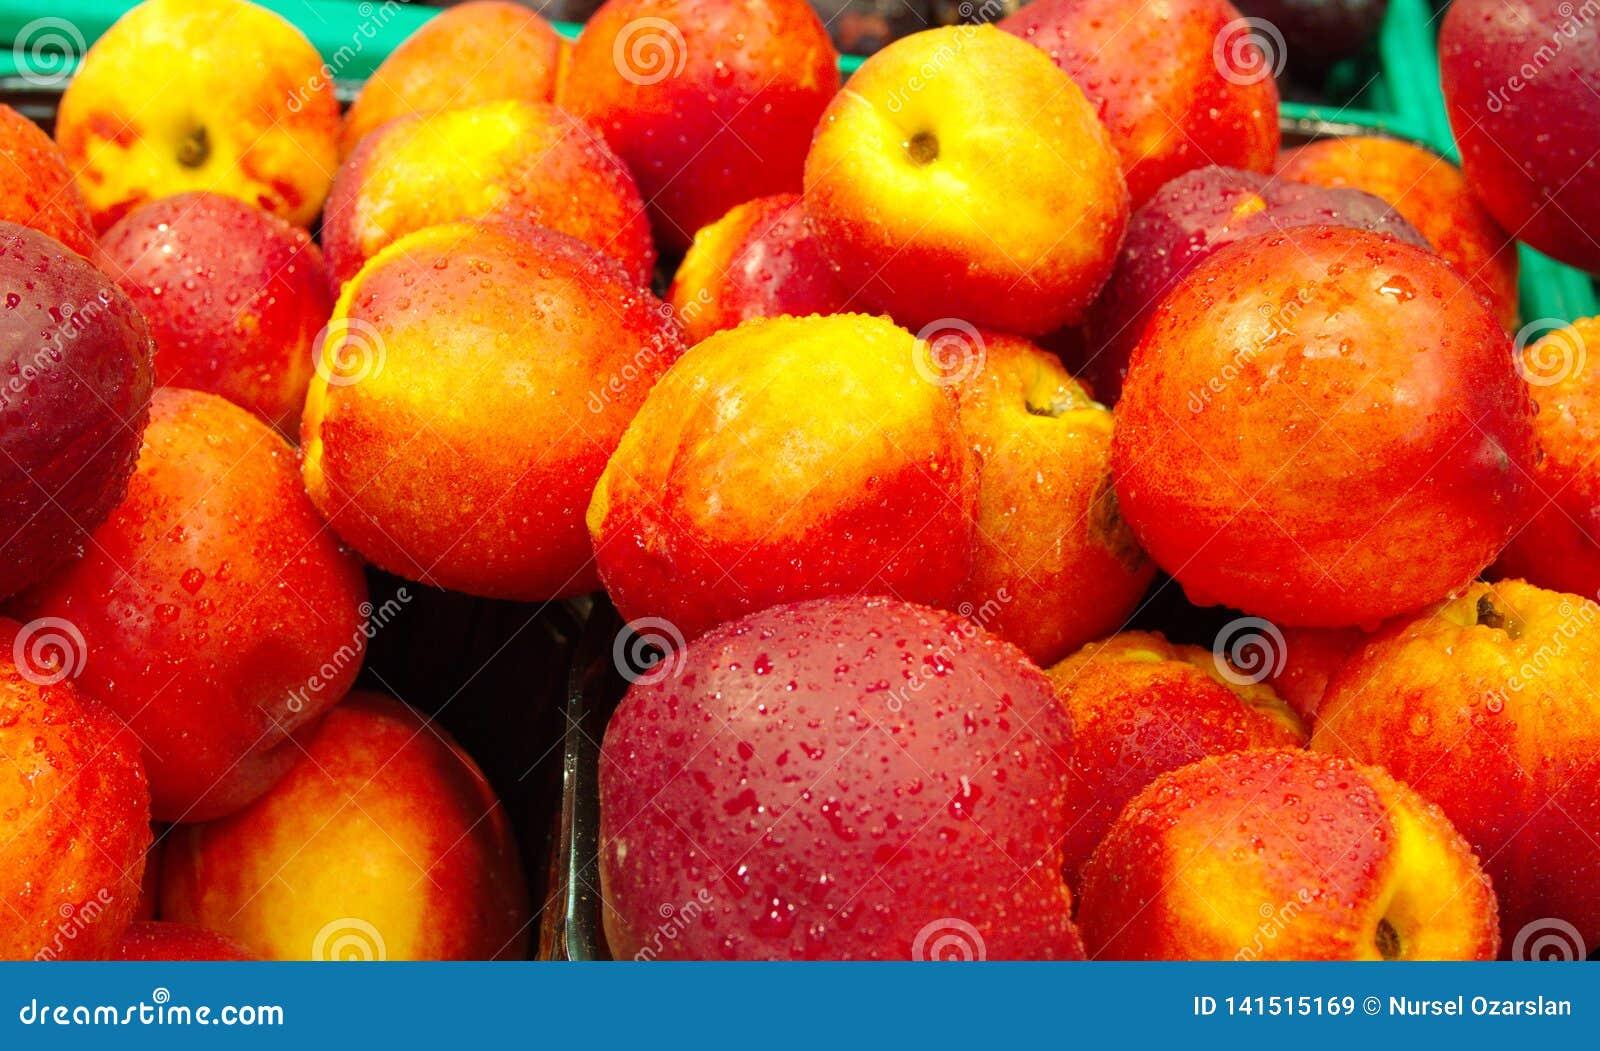 Nectarinefruit